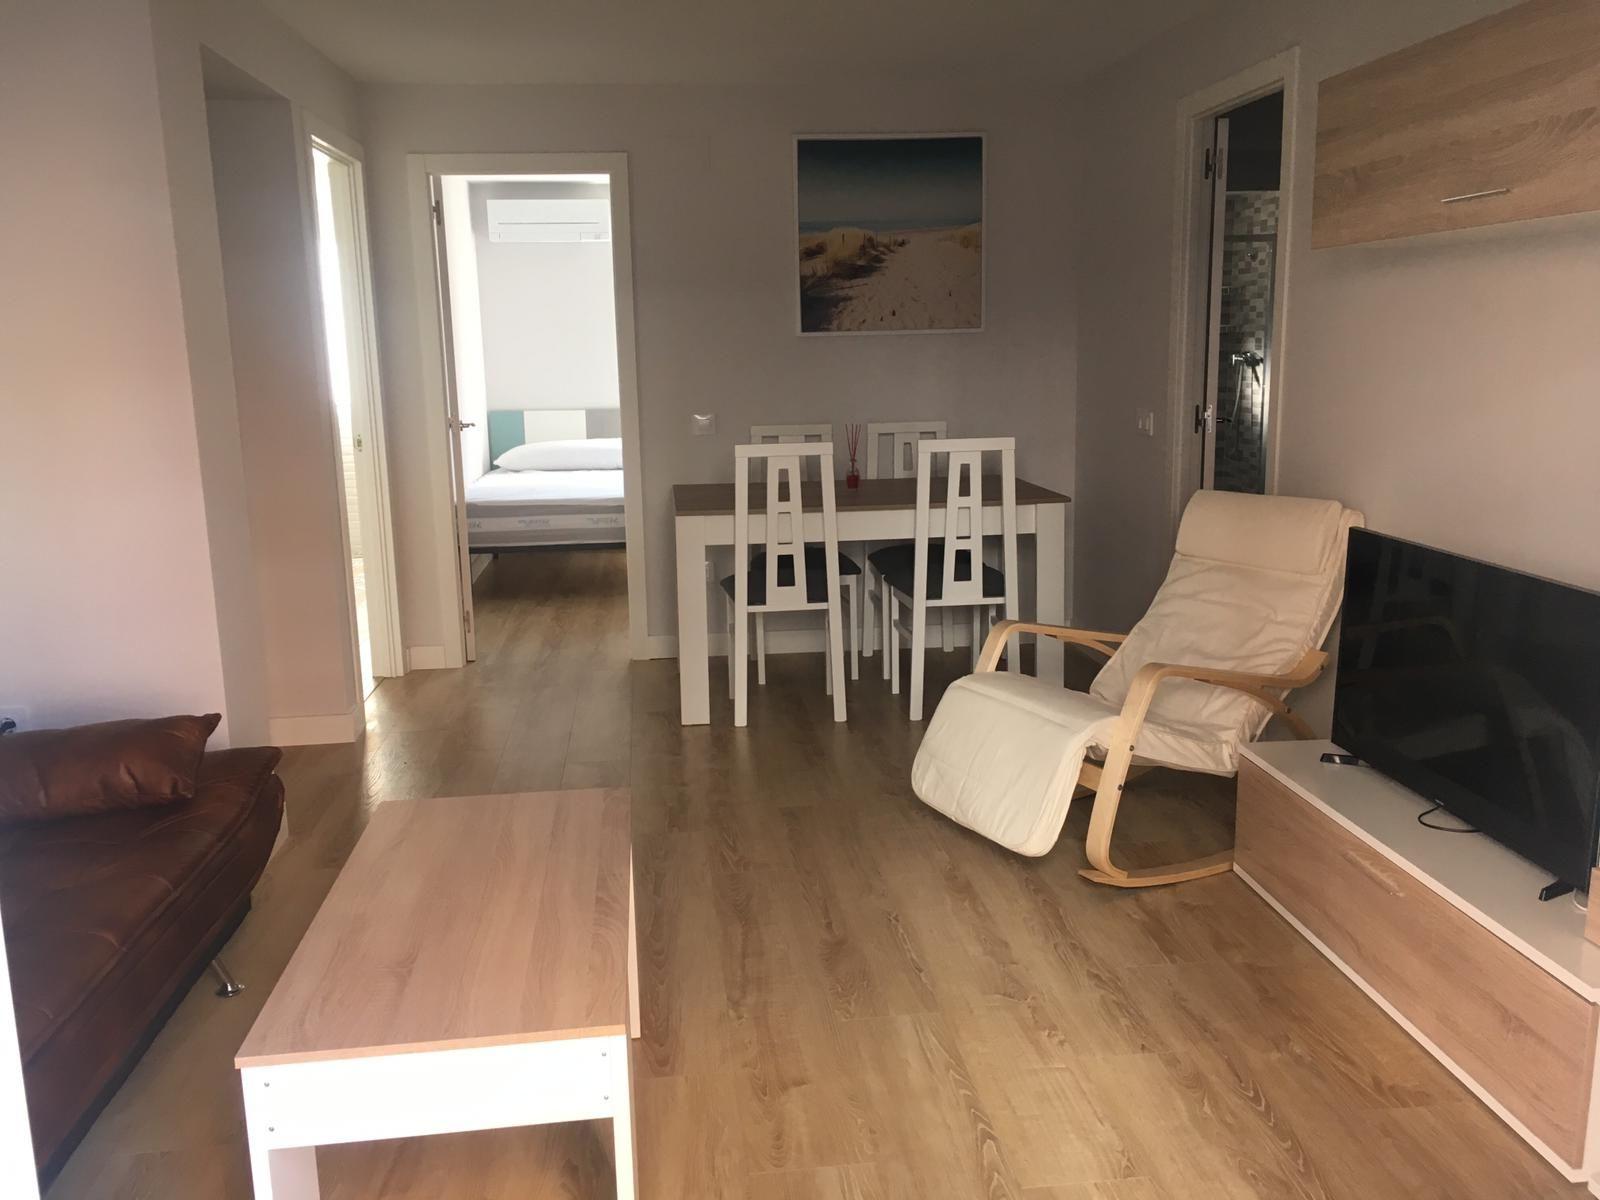 Rent Flat in Alfara del Patriarca. 250€/habitación se abren reservas para curso 2020/2021***4habita